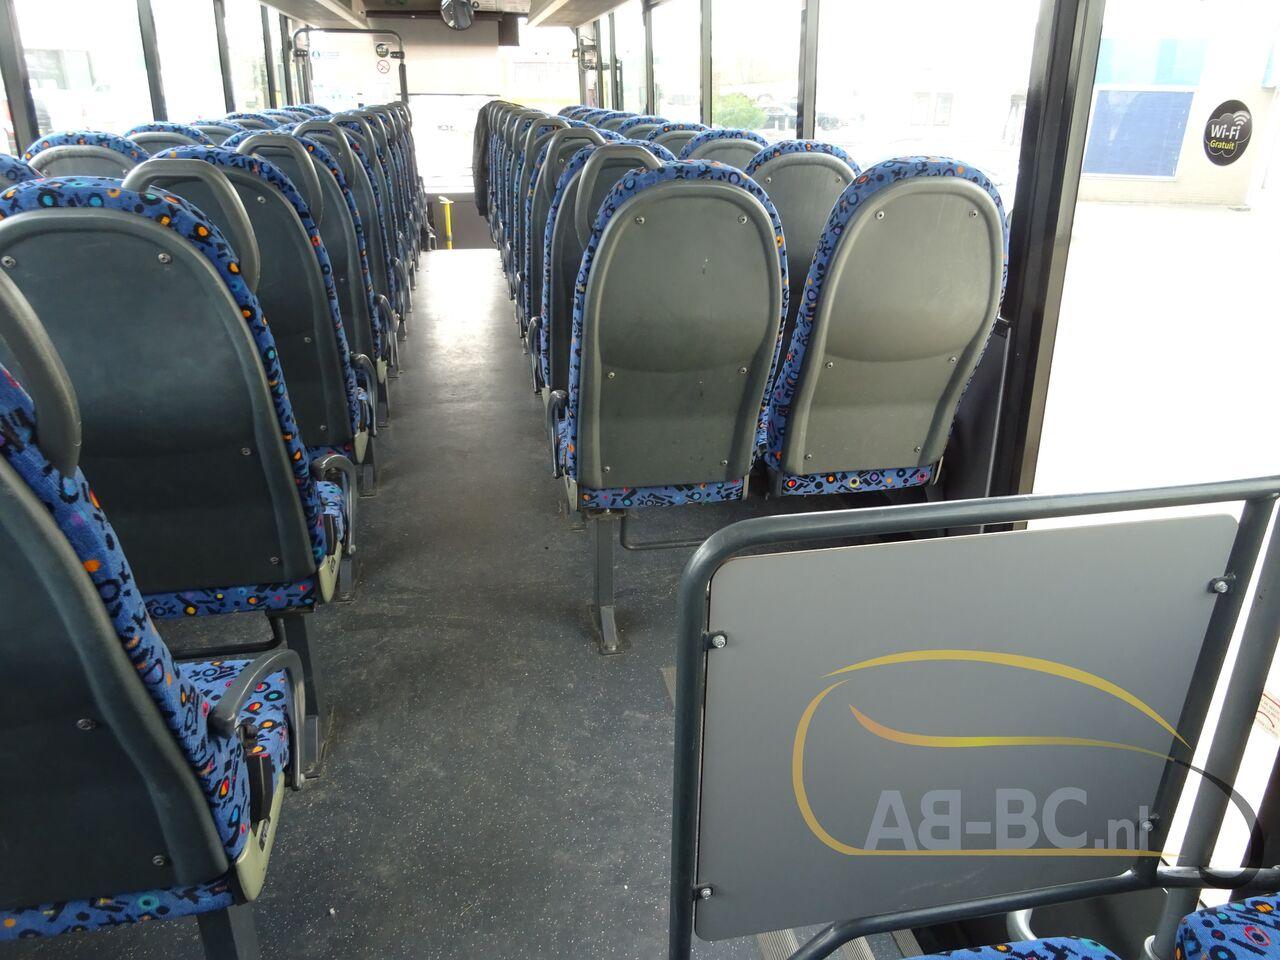 interurban-busMAN-Fast-64-seats---1619620040283280979_big_e1466a7f18084afffdae6dfdf5b9df3d--21042817163019598600